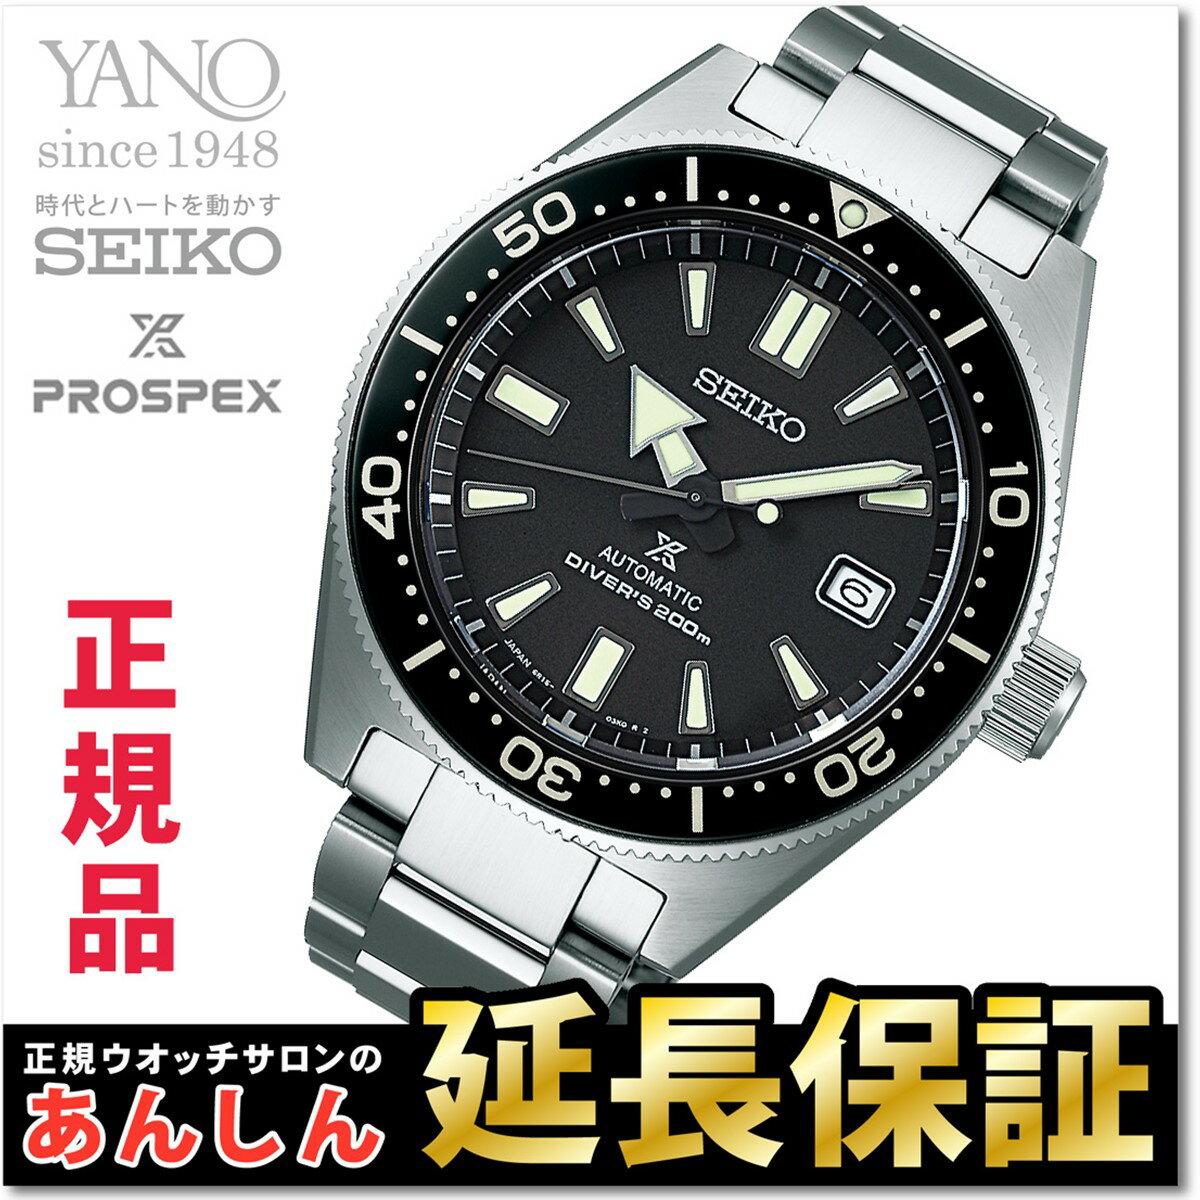 セイコー プロスペックス SBDC051 ダイバースキューバ ヒストリカルコレクション メカニカル 自動巻き 腕時計 メンズ SEIKO PROSPEX 【正規品】【0717】_10spl